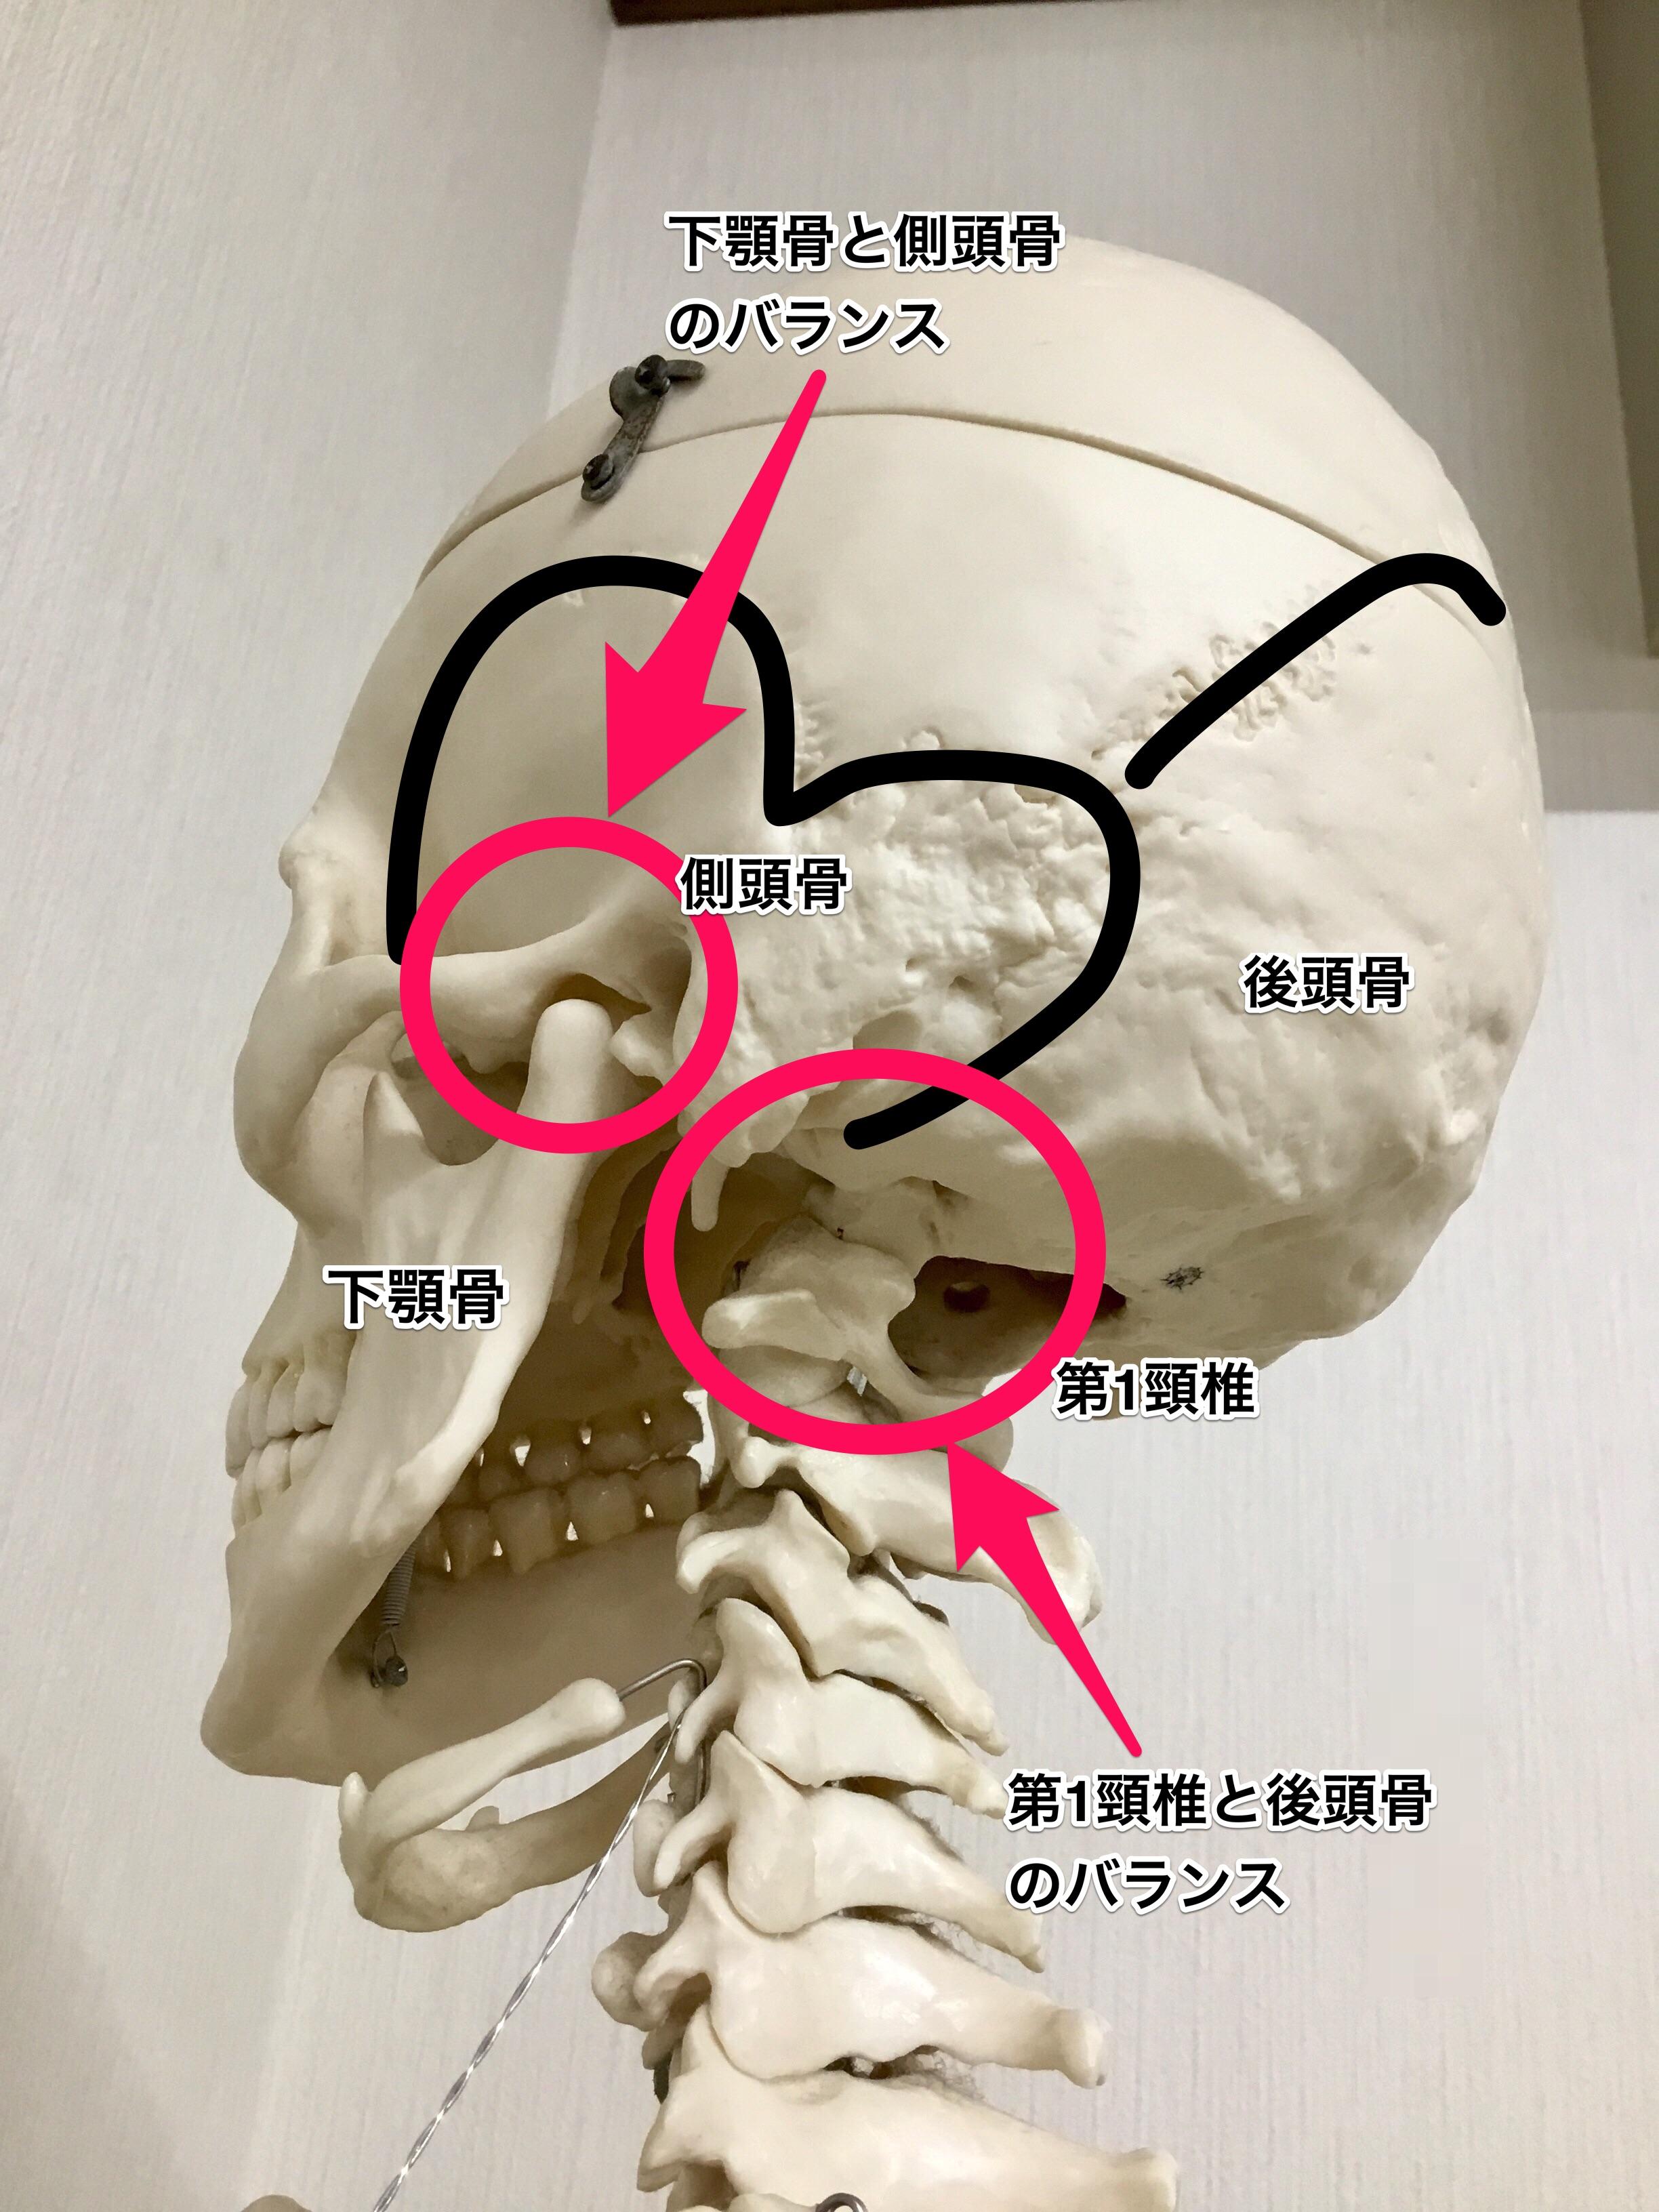 頸椎と顎関節の関係